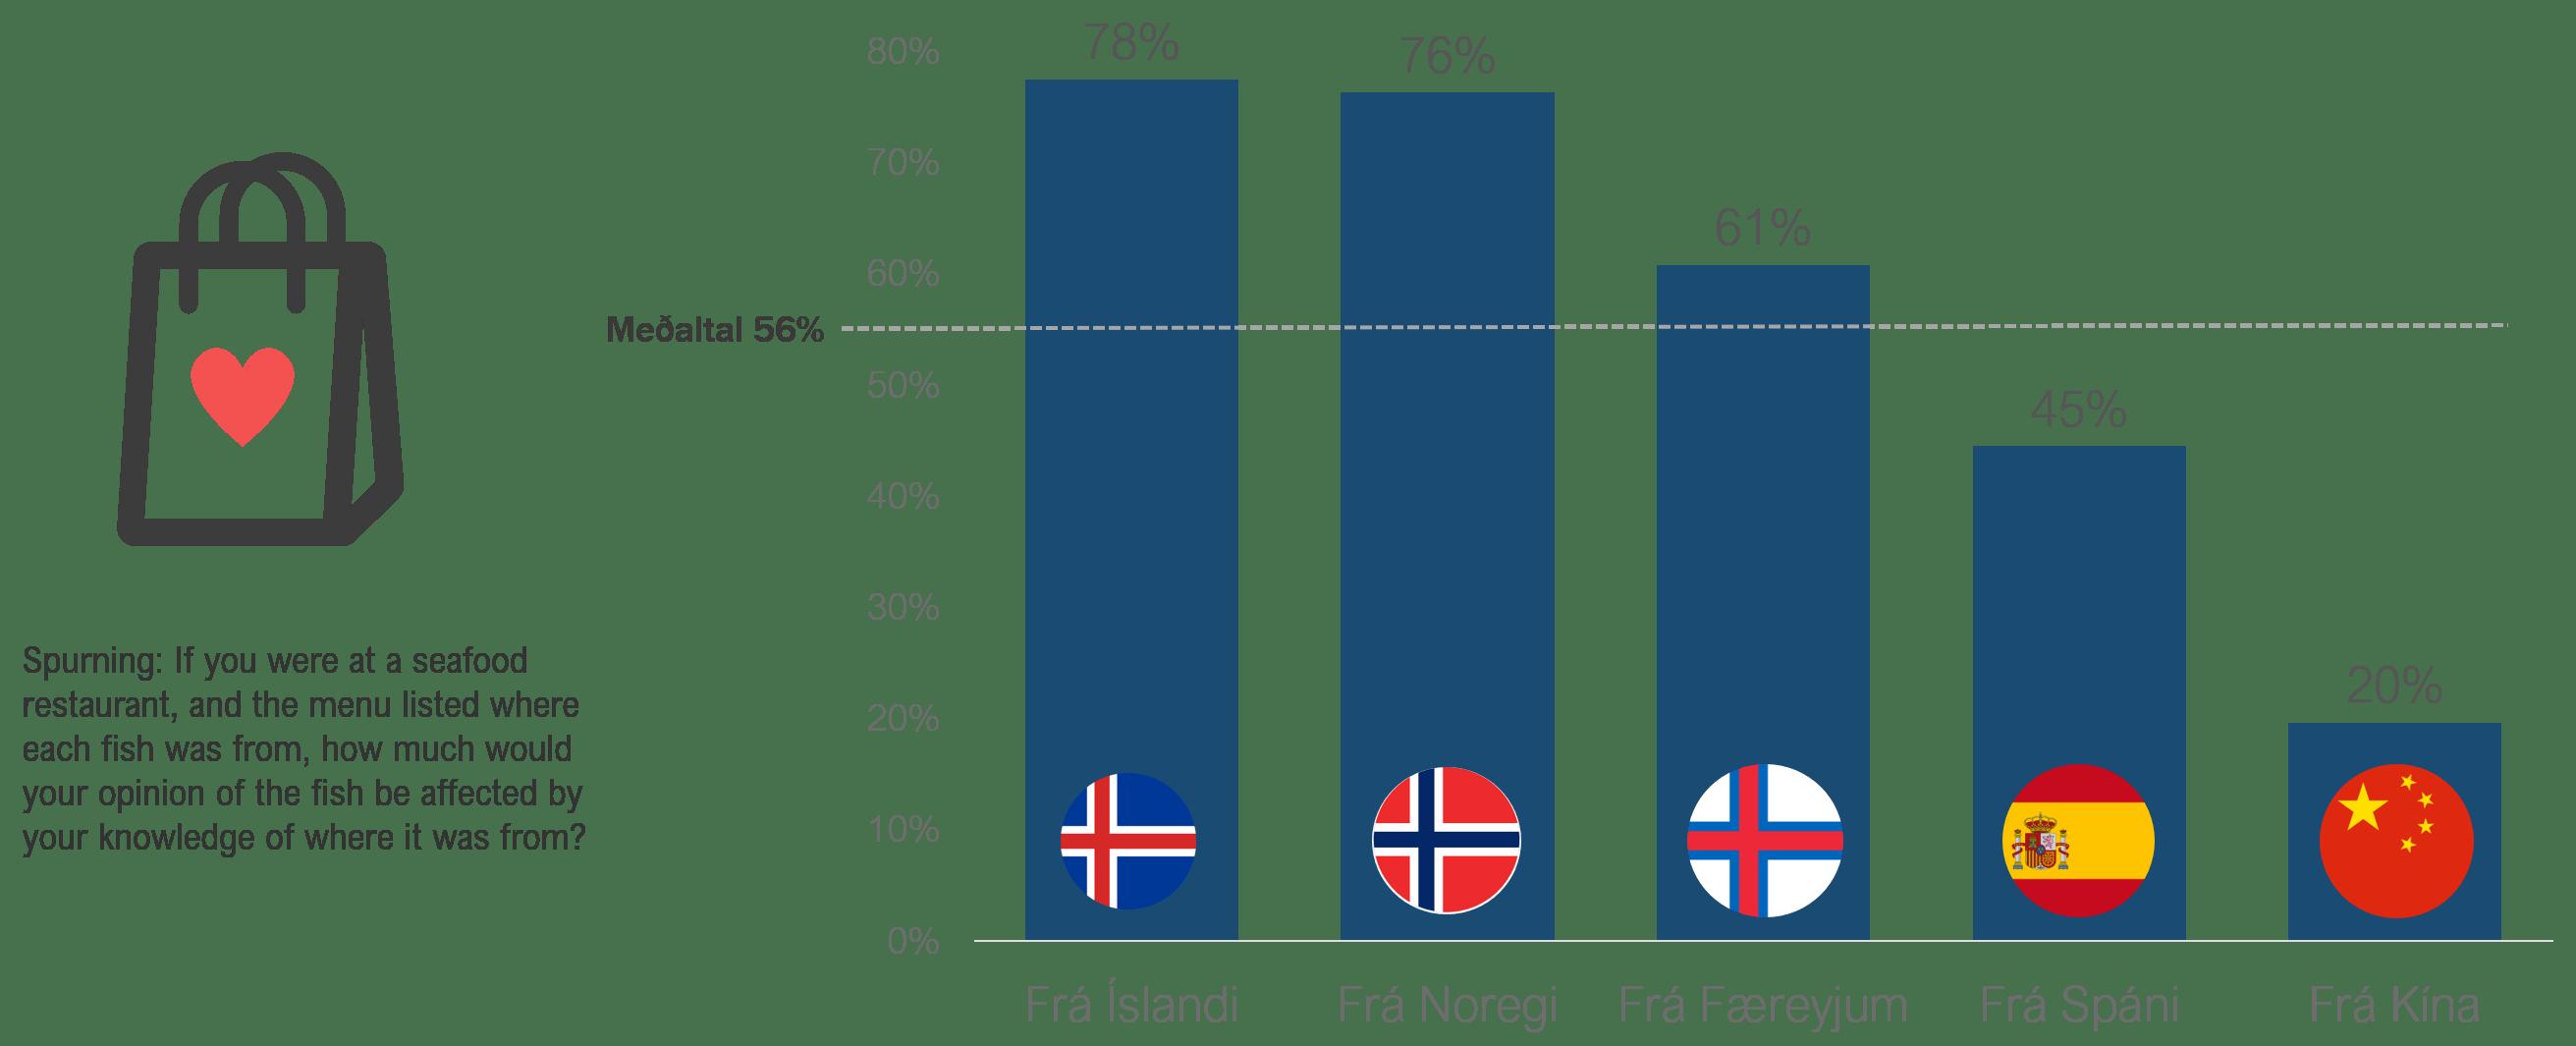 Heimild: Íslandsstofa, viðhorfskönnun framkvæmd af Maskínu í Bretlandi, Þýskalandi, Frakklandi, Bandaríkjunum, Kanada og Danmörku 2019